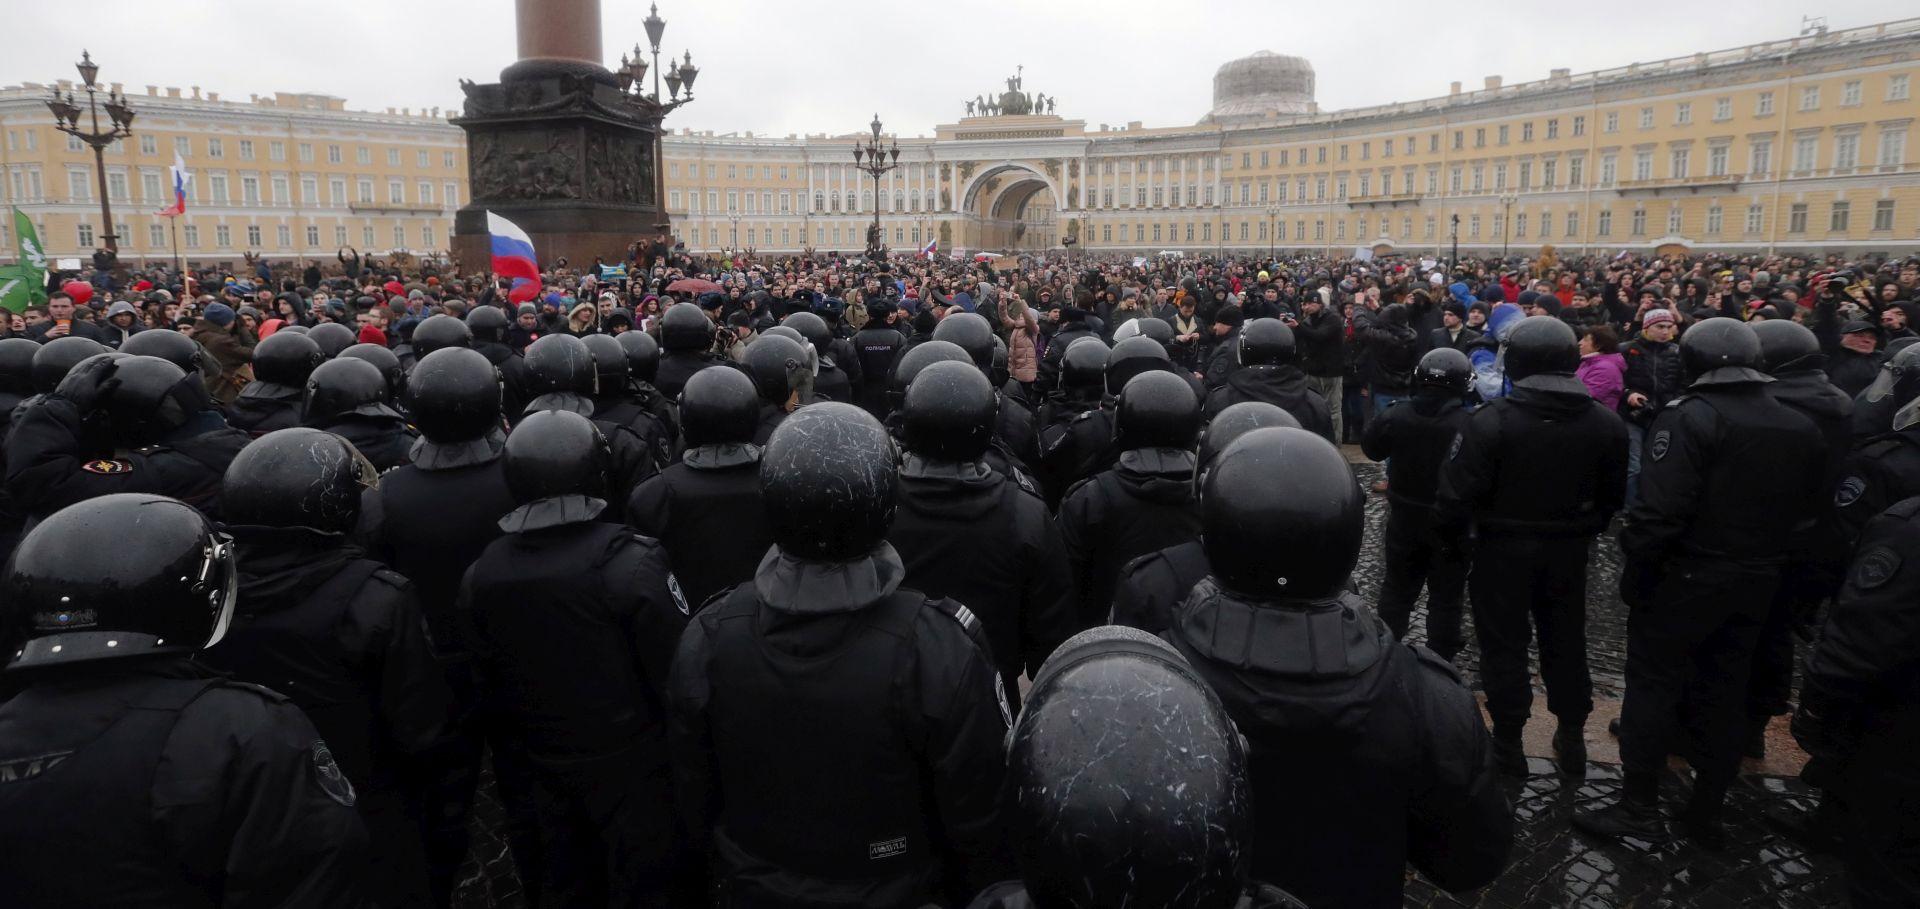 RUSIJA Oporbeni vođa Navalny dobio 15 dana zatvora